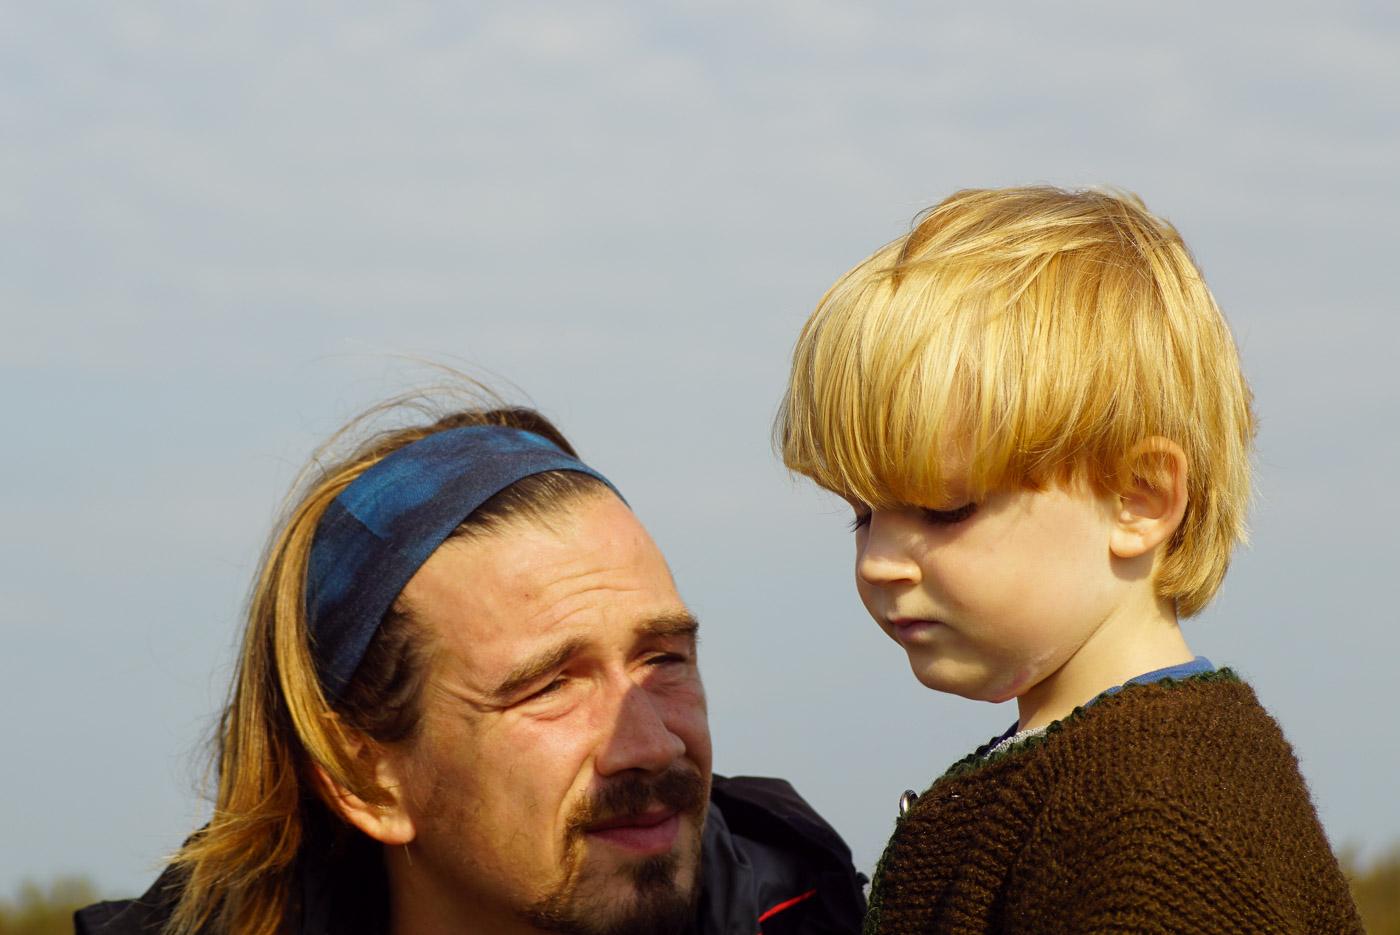 Luke und Paul schauen sich im warmen Sonnenlicht an.